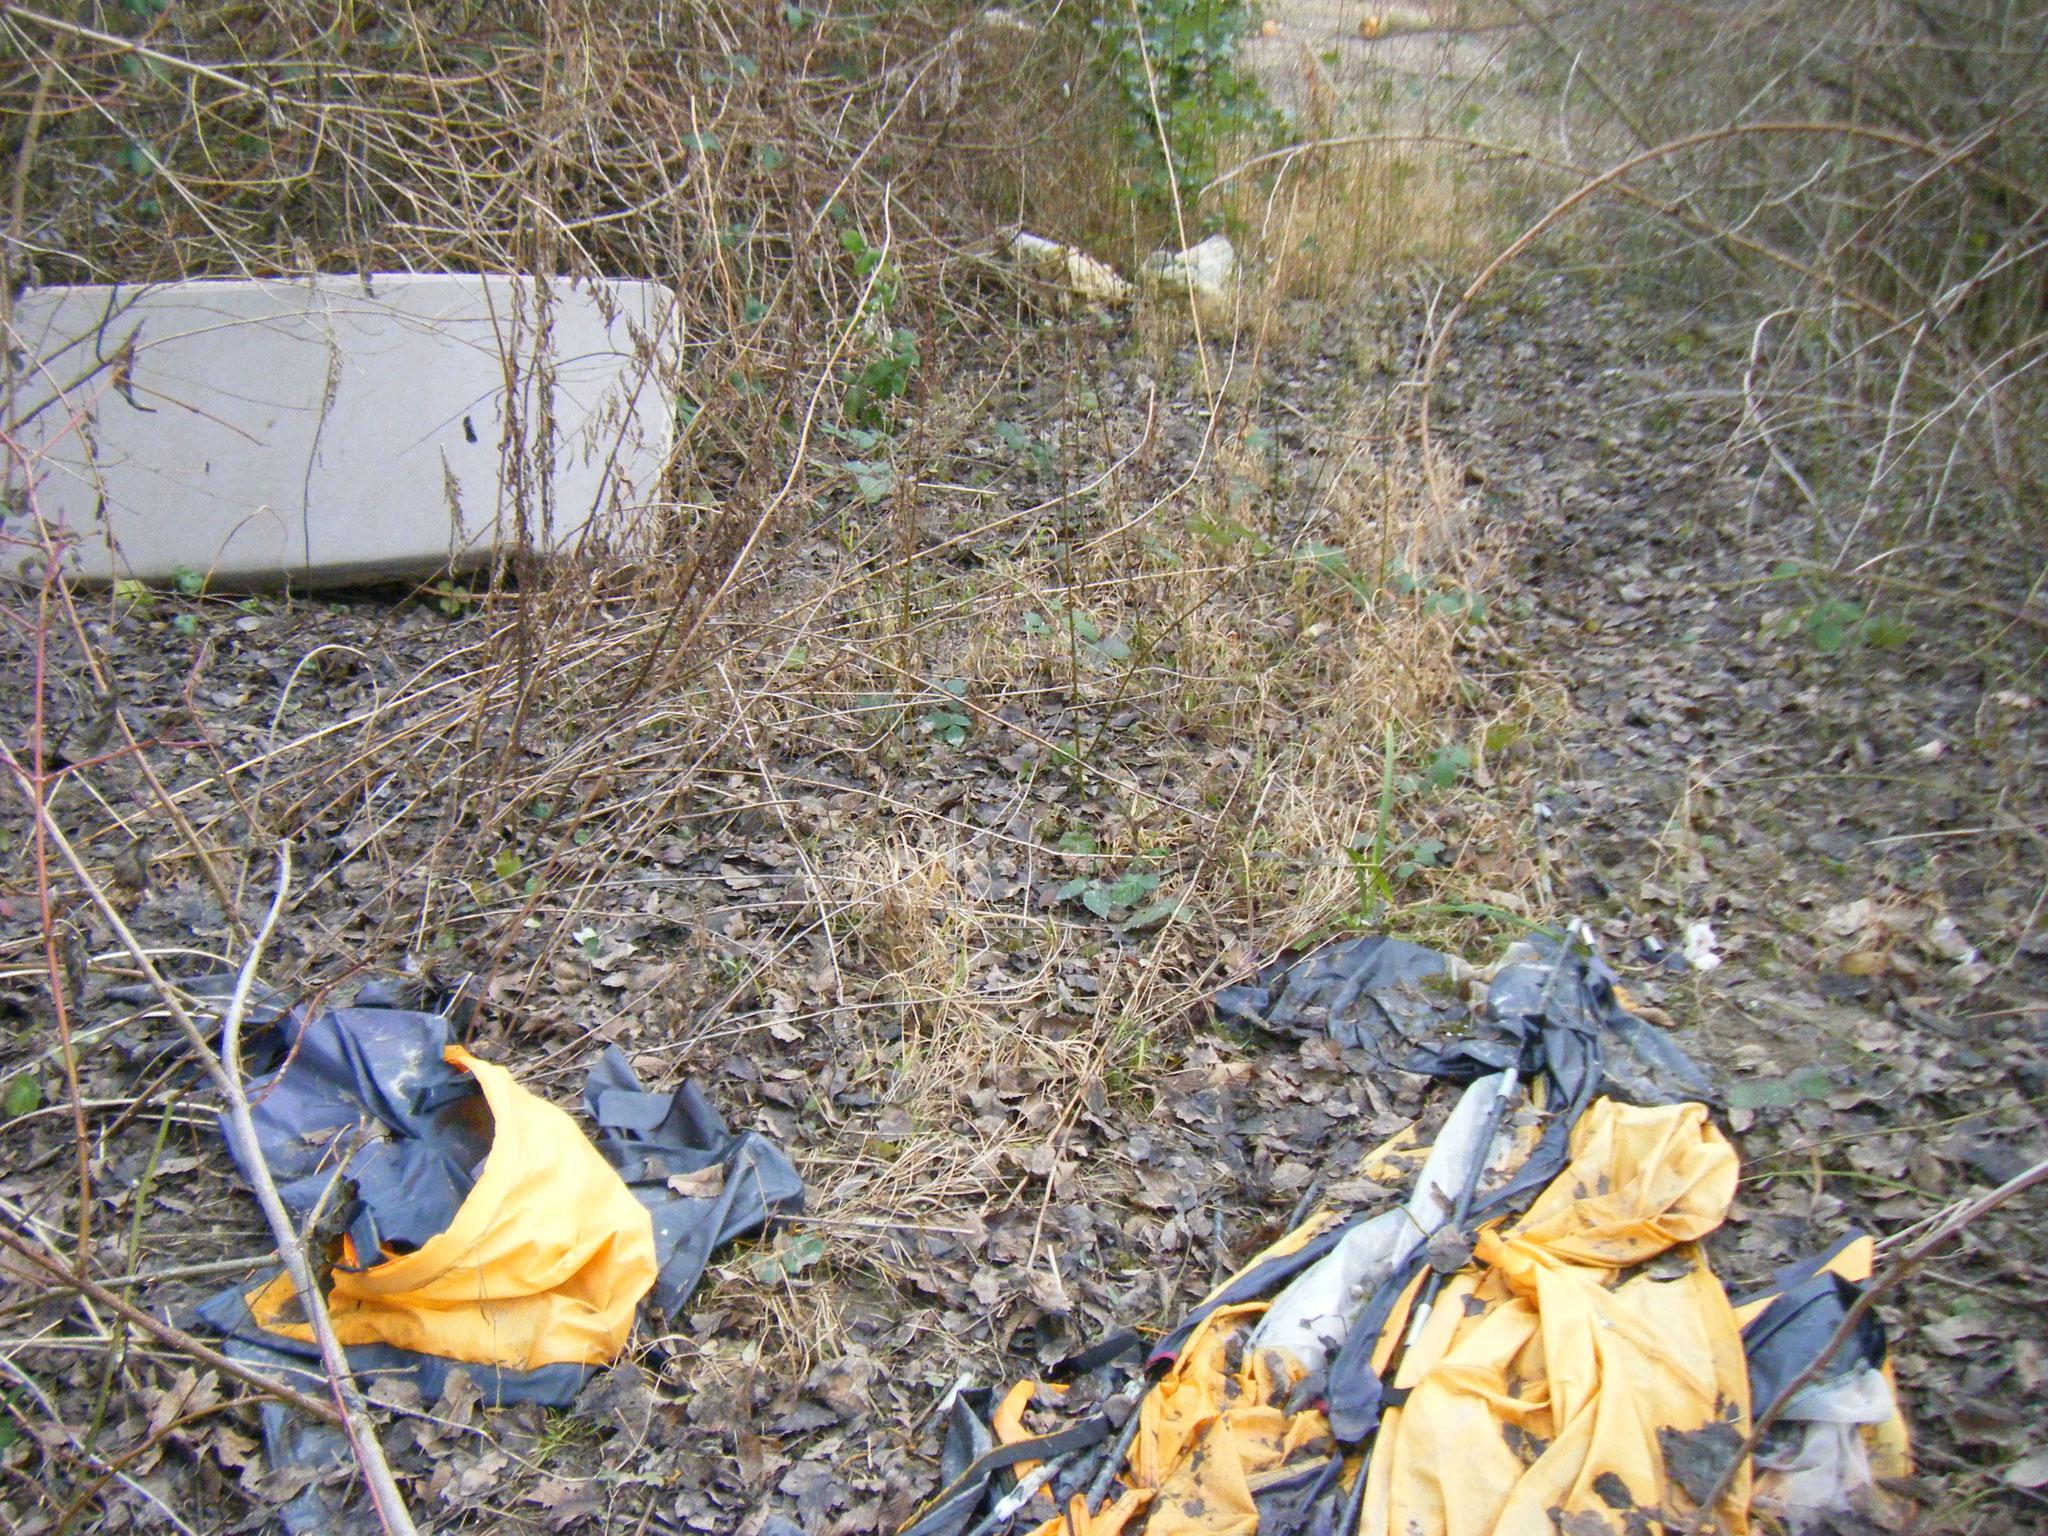 mehrere Matratzen, ein kaputtes Zelt